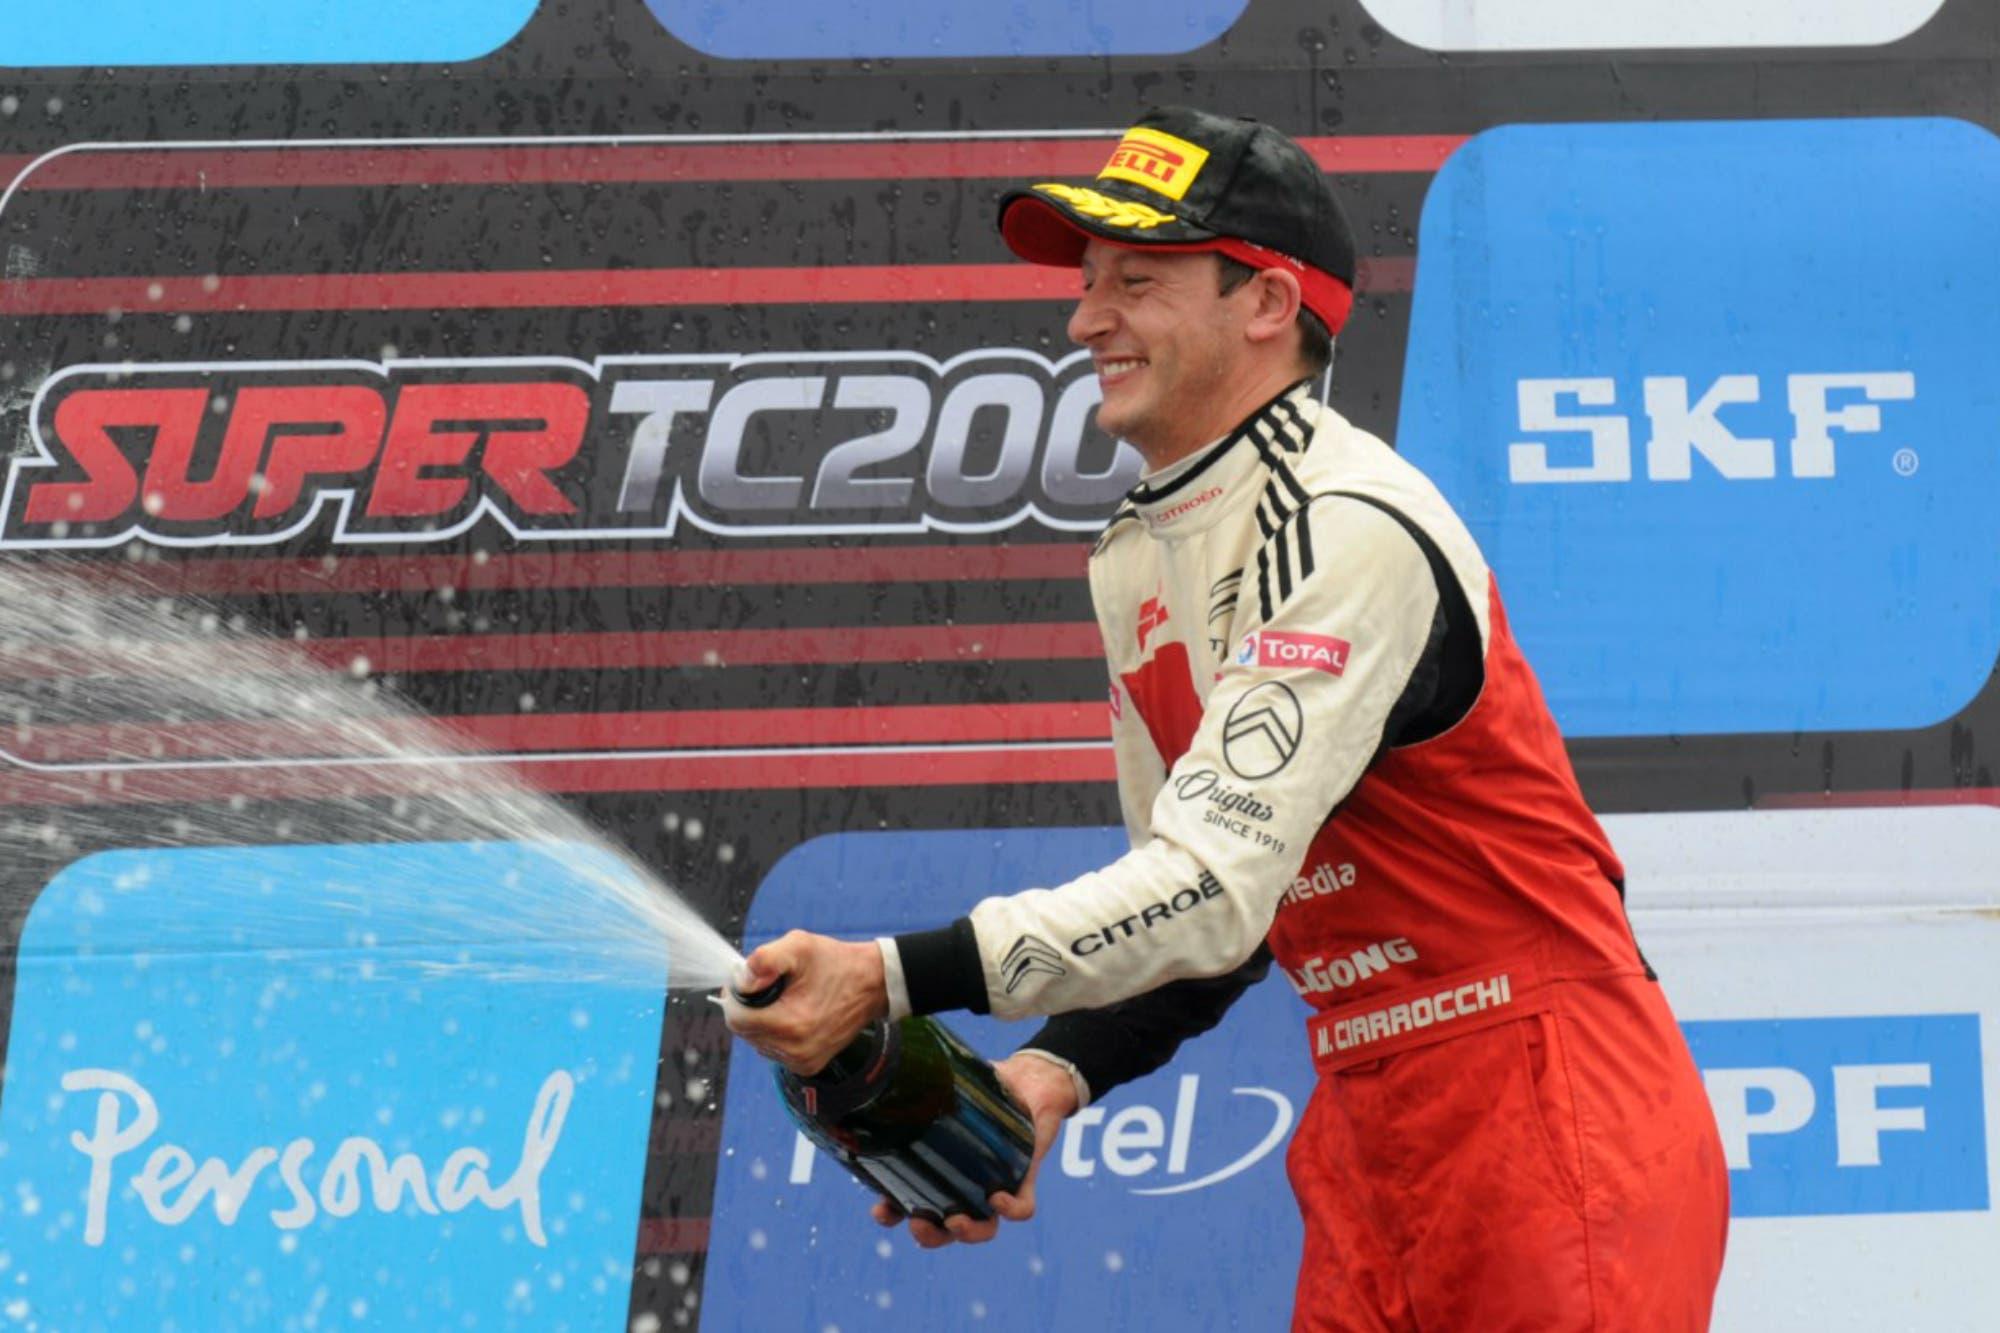 Súper TC 2000: El primer triunfo de Ciarrocchi y la pulseada Pernía-Rossi por el título